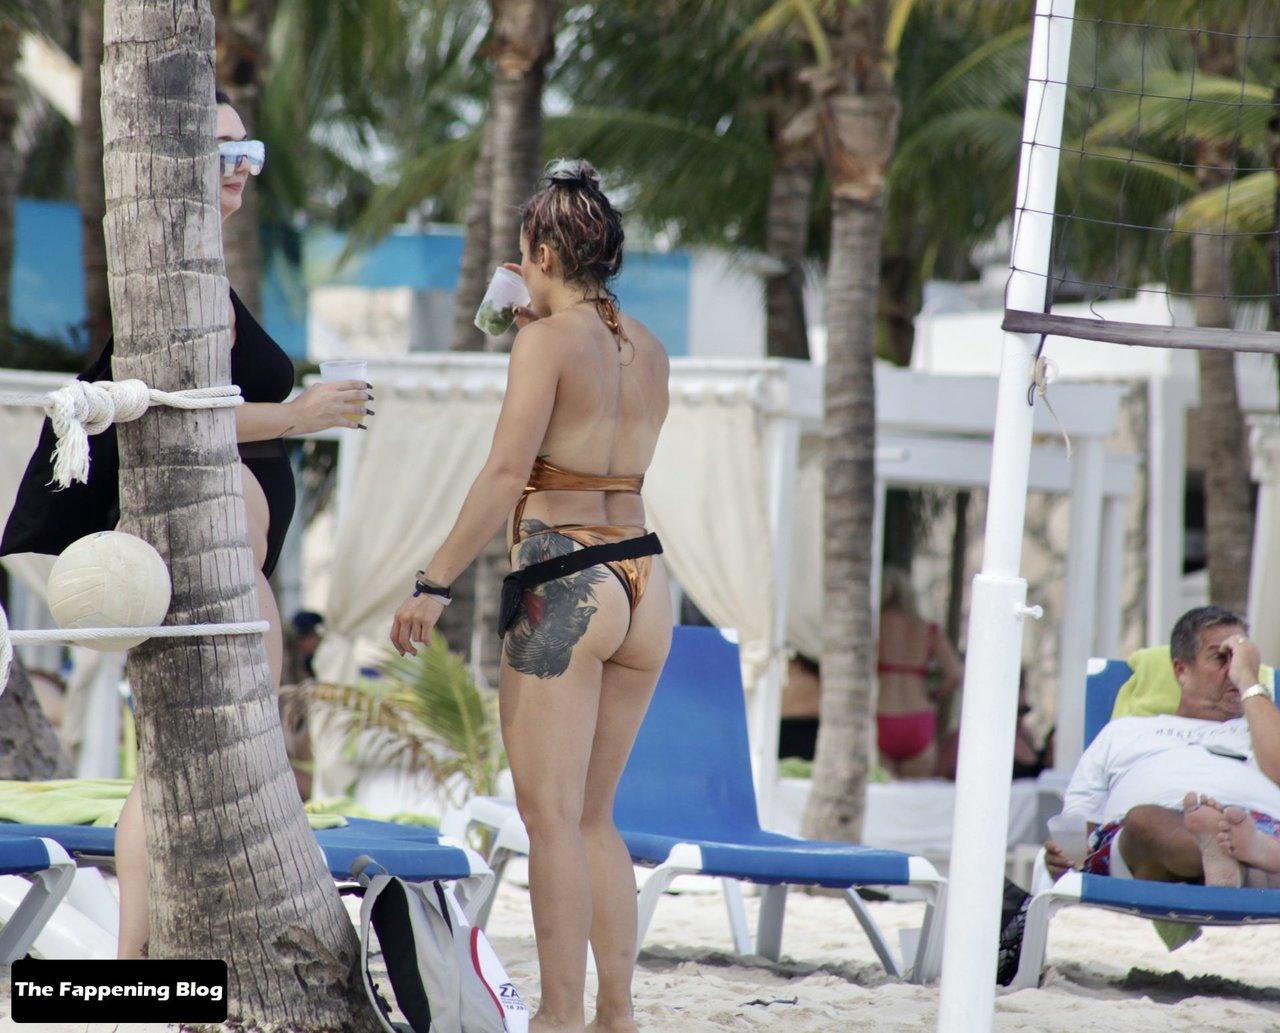 Cara Maria Sorbello on Beach 34